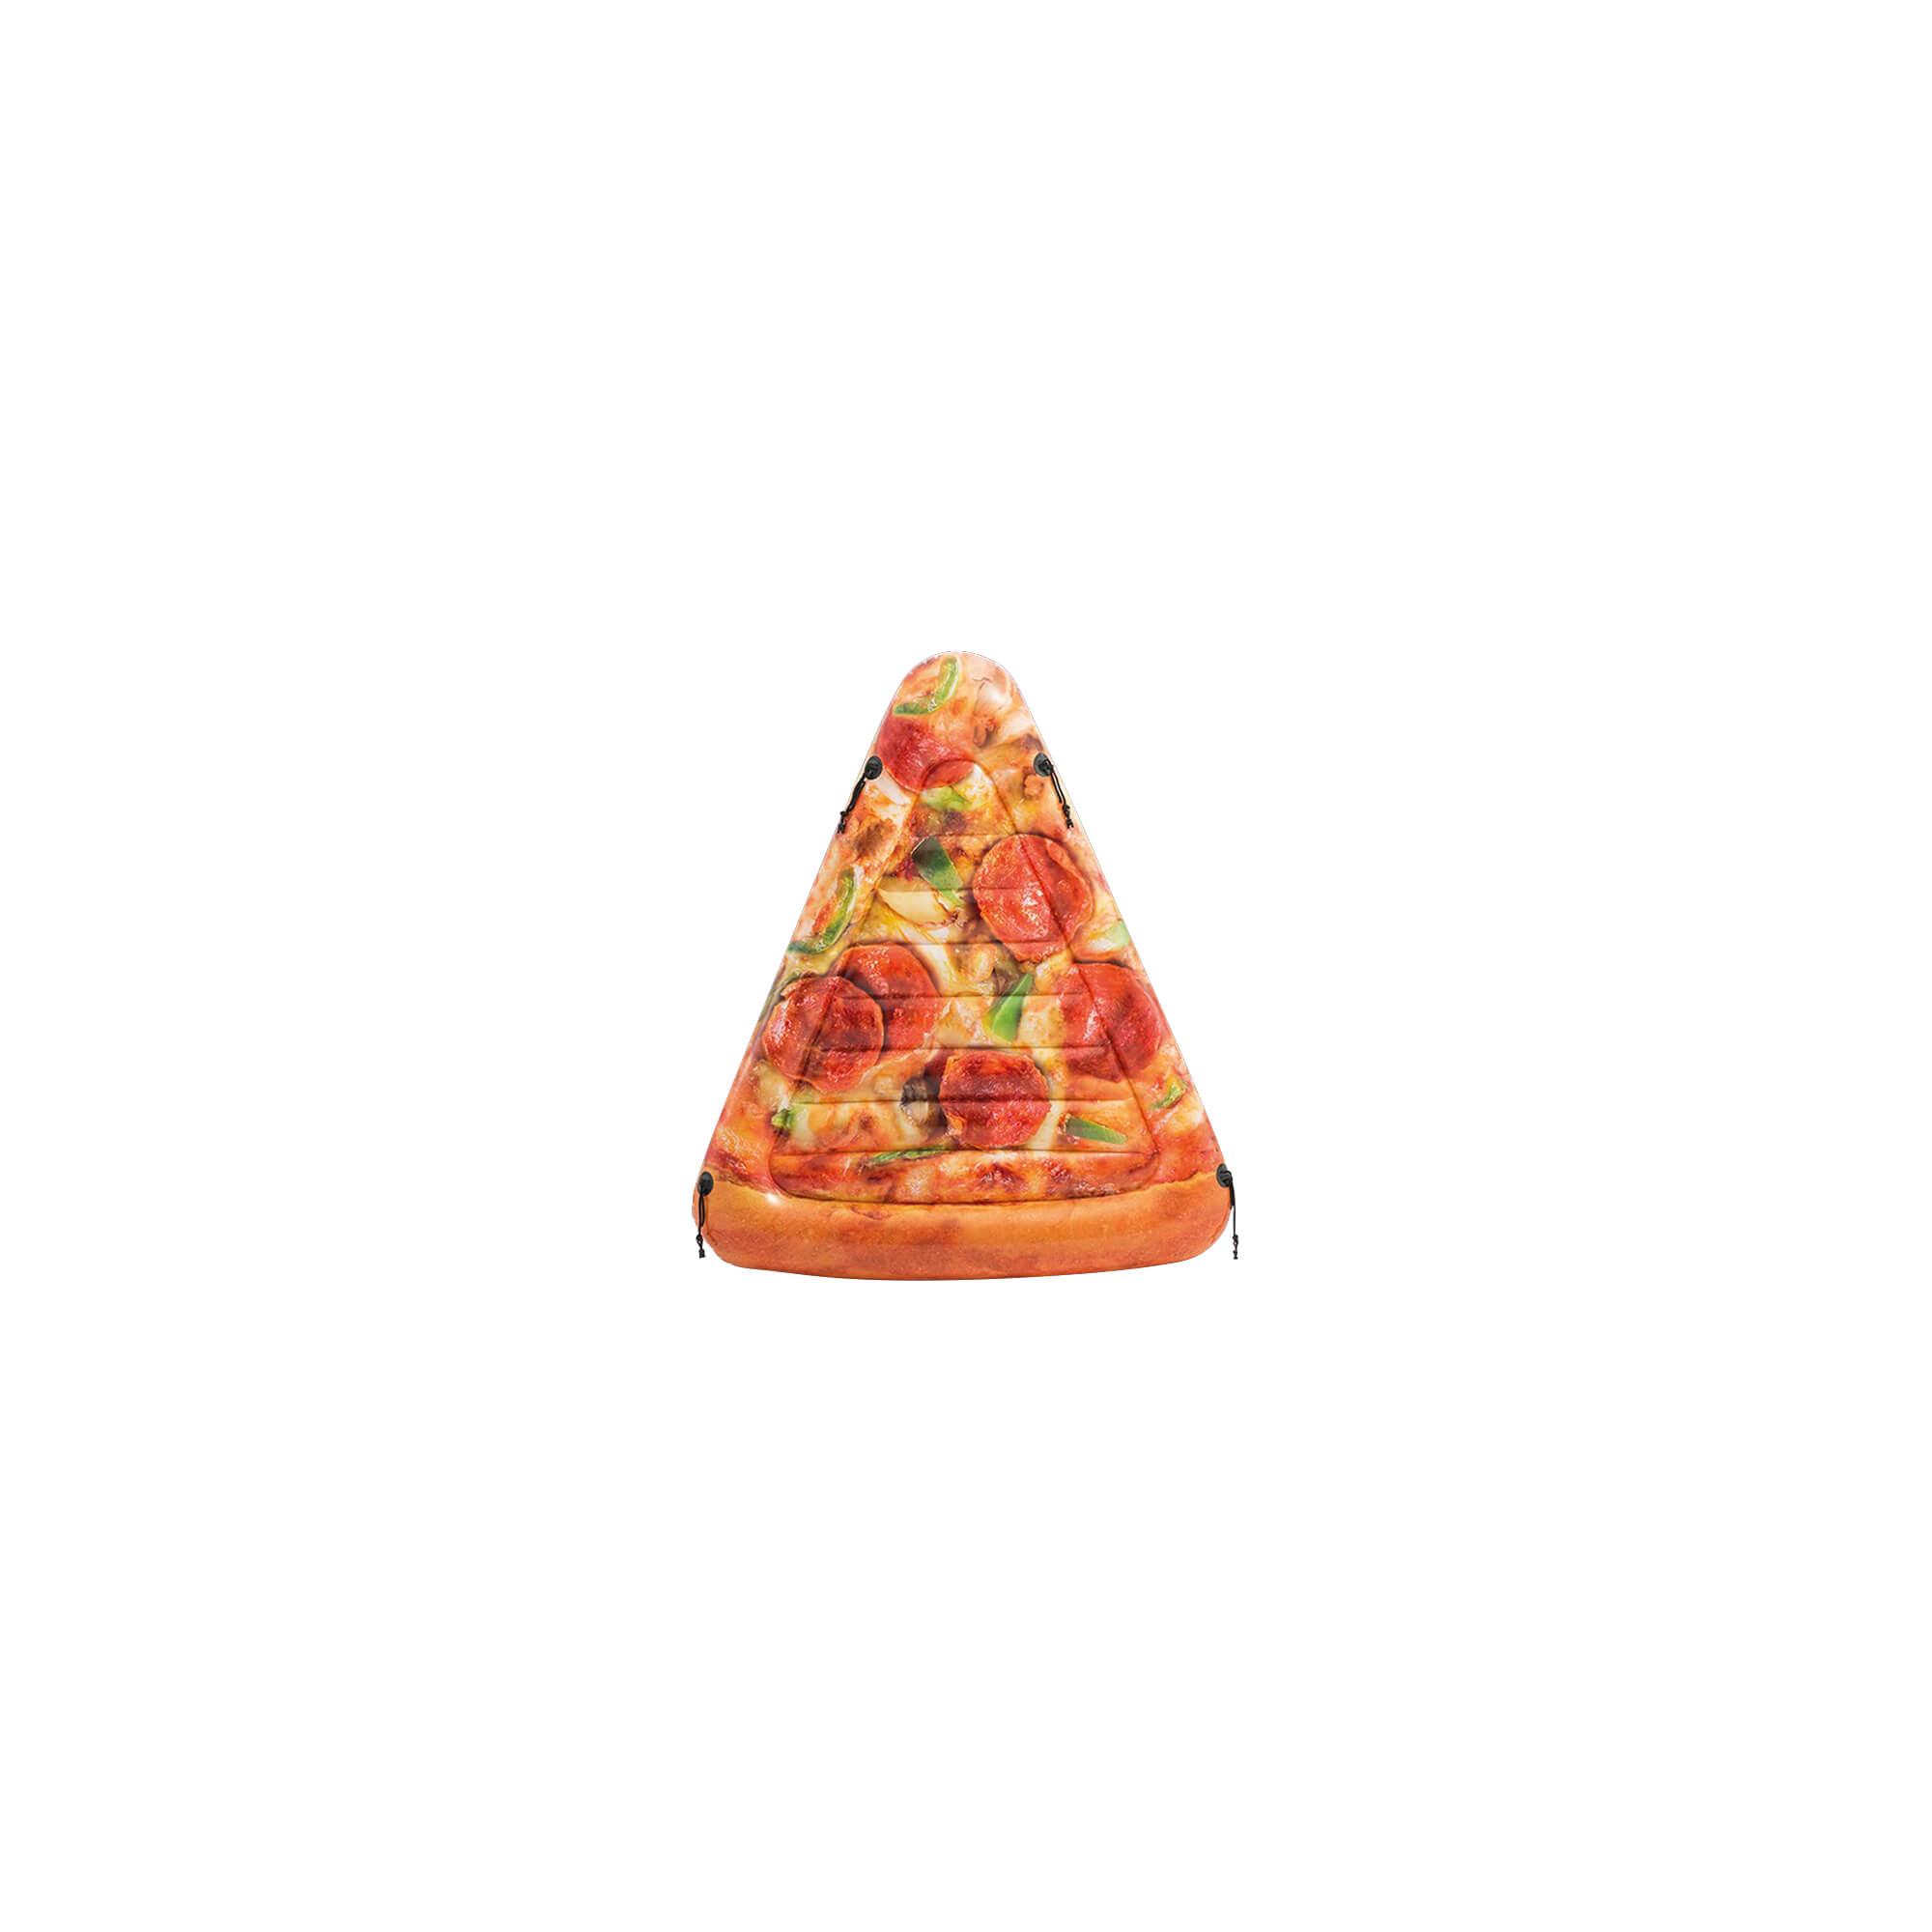 PIZZA SLICE SPLASH FLOAT imagine